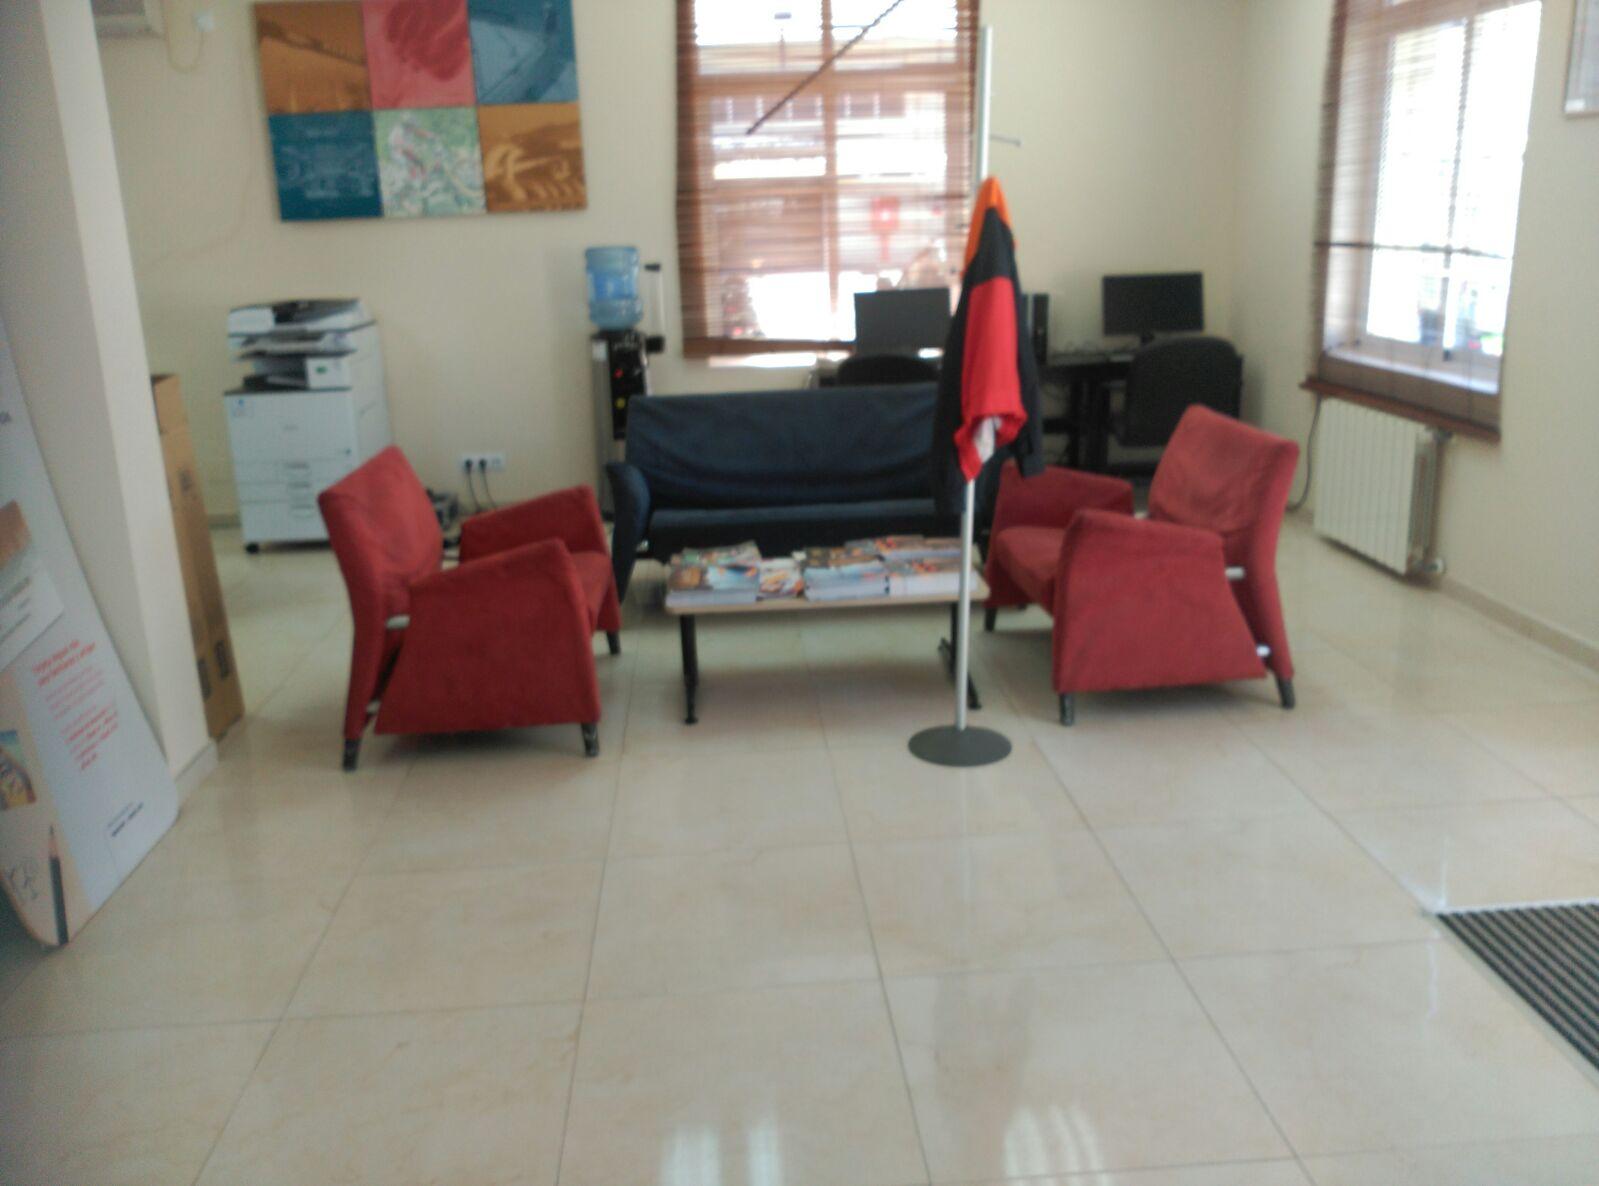 tratamiento antideslizante en las oficinas repsol butano